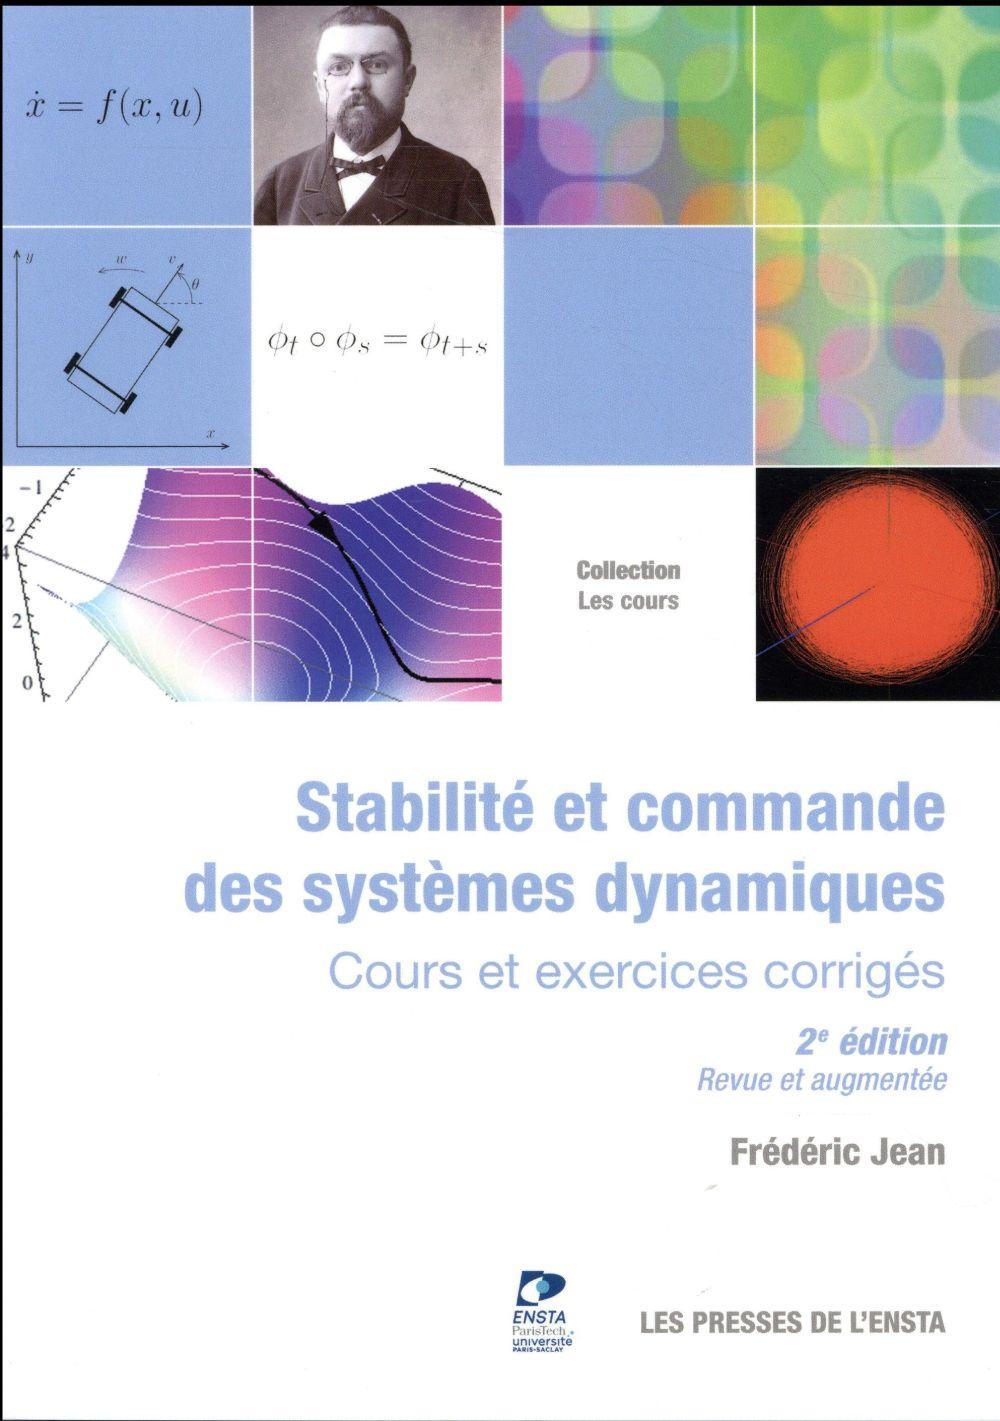 Stabilité et commande des systèmes dynamiques (2e édition)